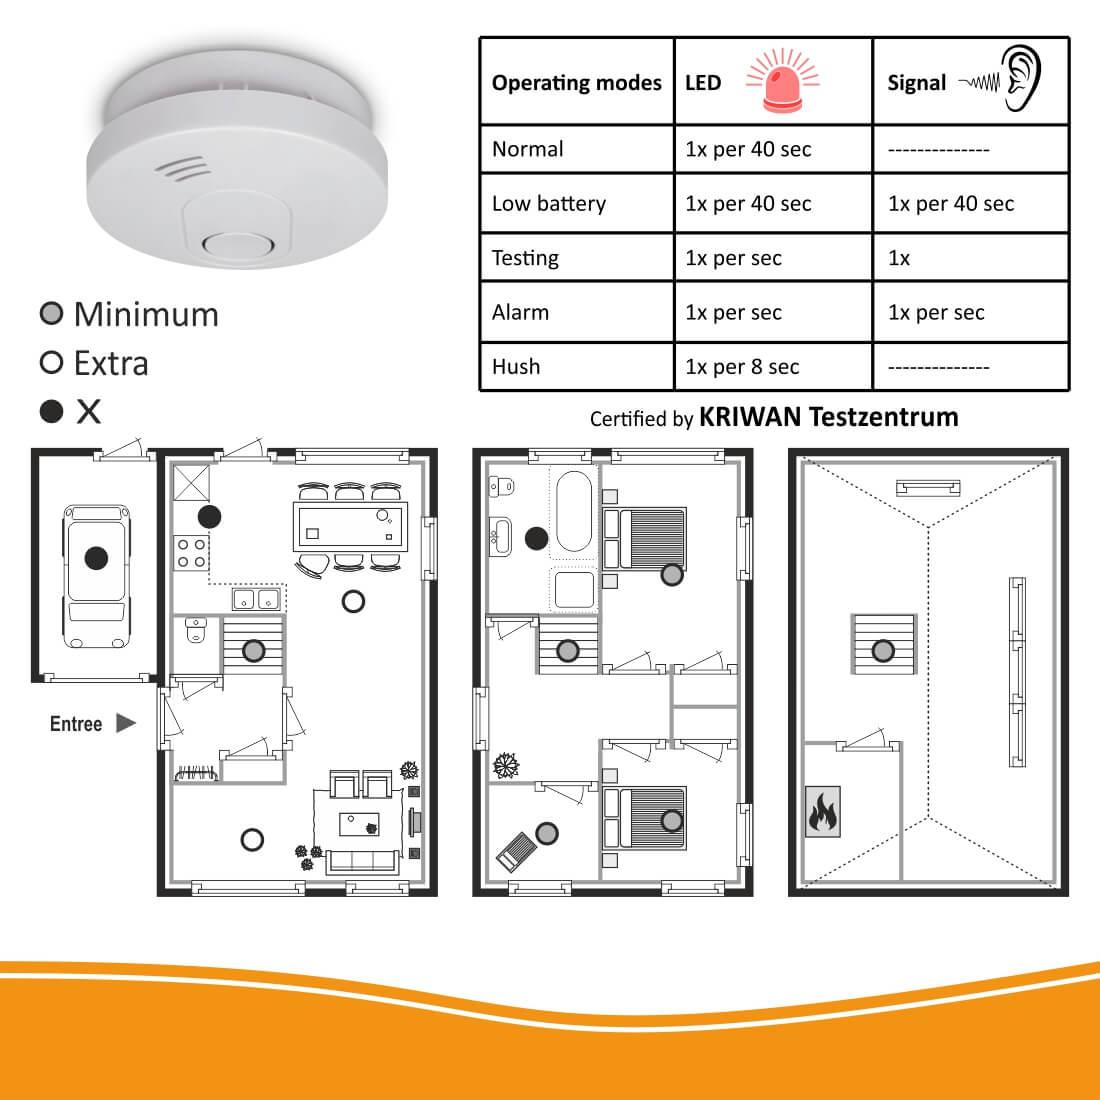 ELRO ELRO FS1510 rookmelder specificaties 2